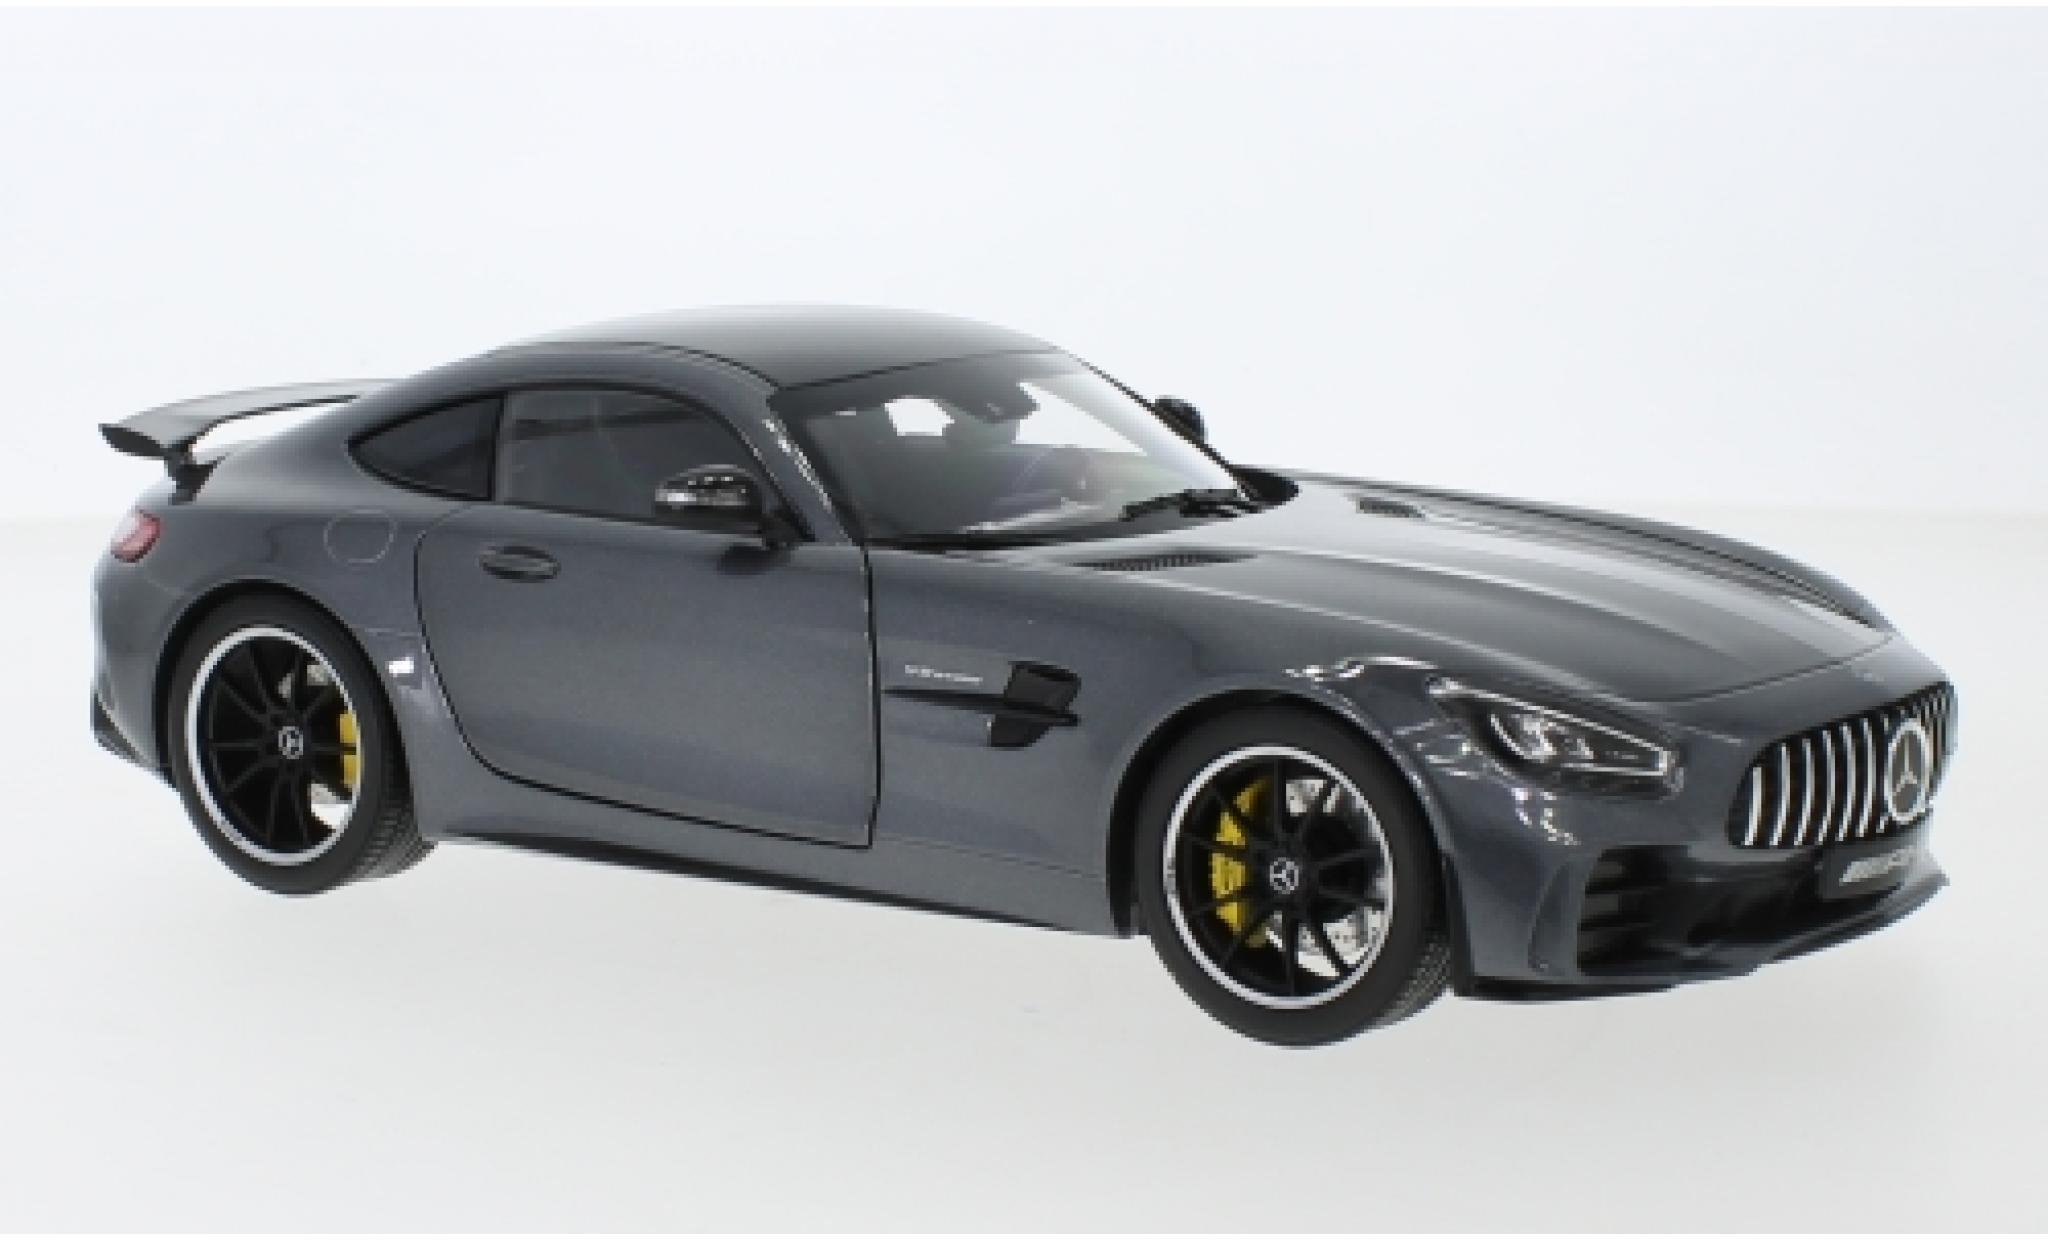 Mercedes AMG GT 1/18 I Norev R (C190) métallisé anthrazit/carbon